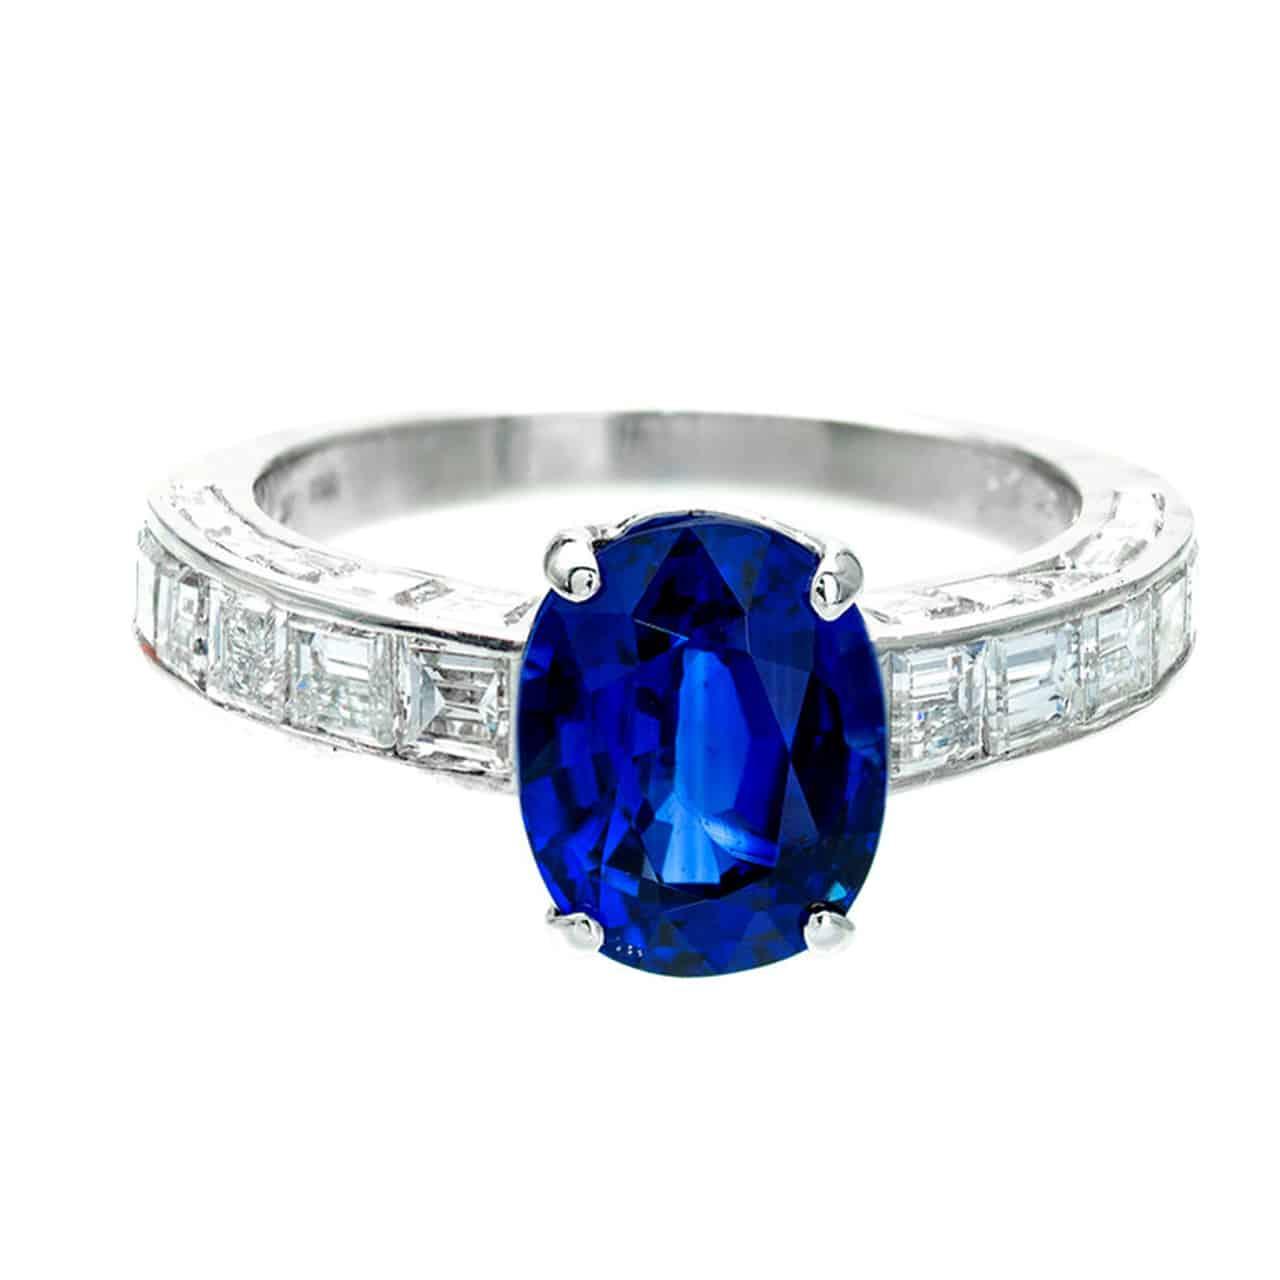 خاتم خطوبة من الياقوت الأزرق